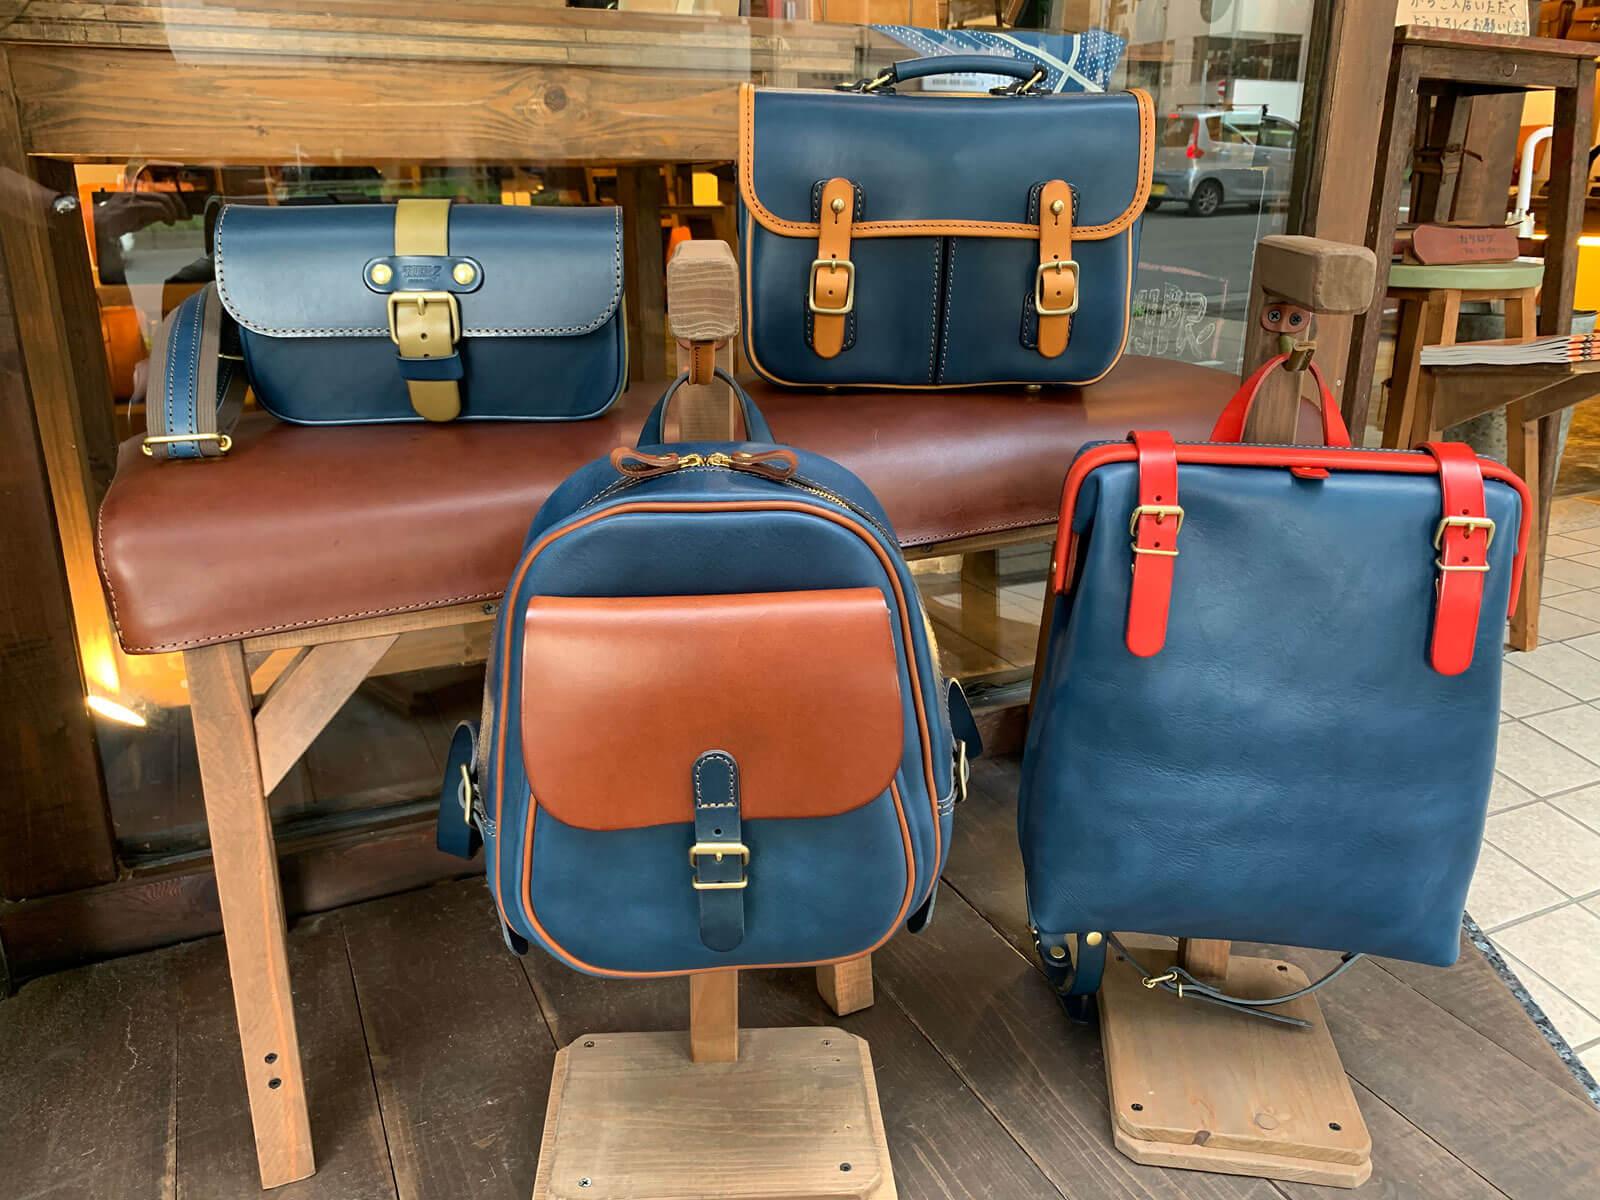 限定色のネイビーで2トーン仕様の鞄を作りました!